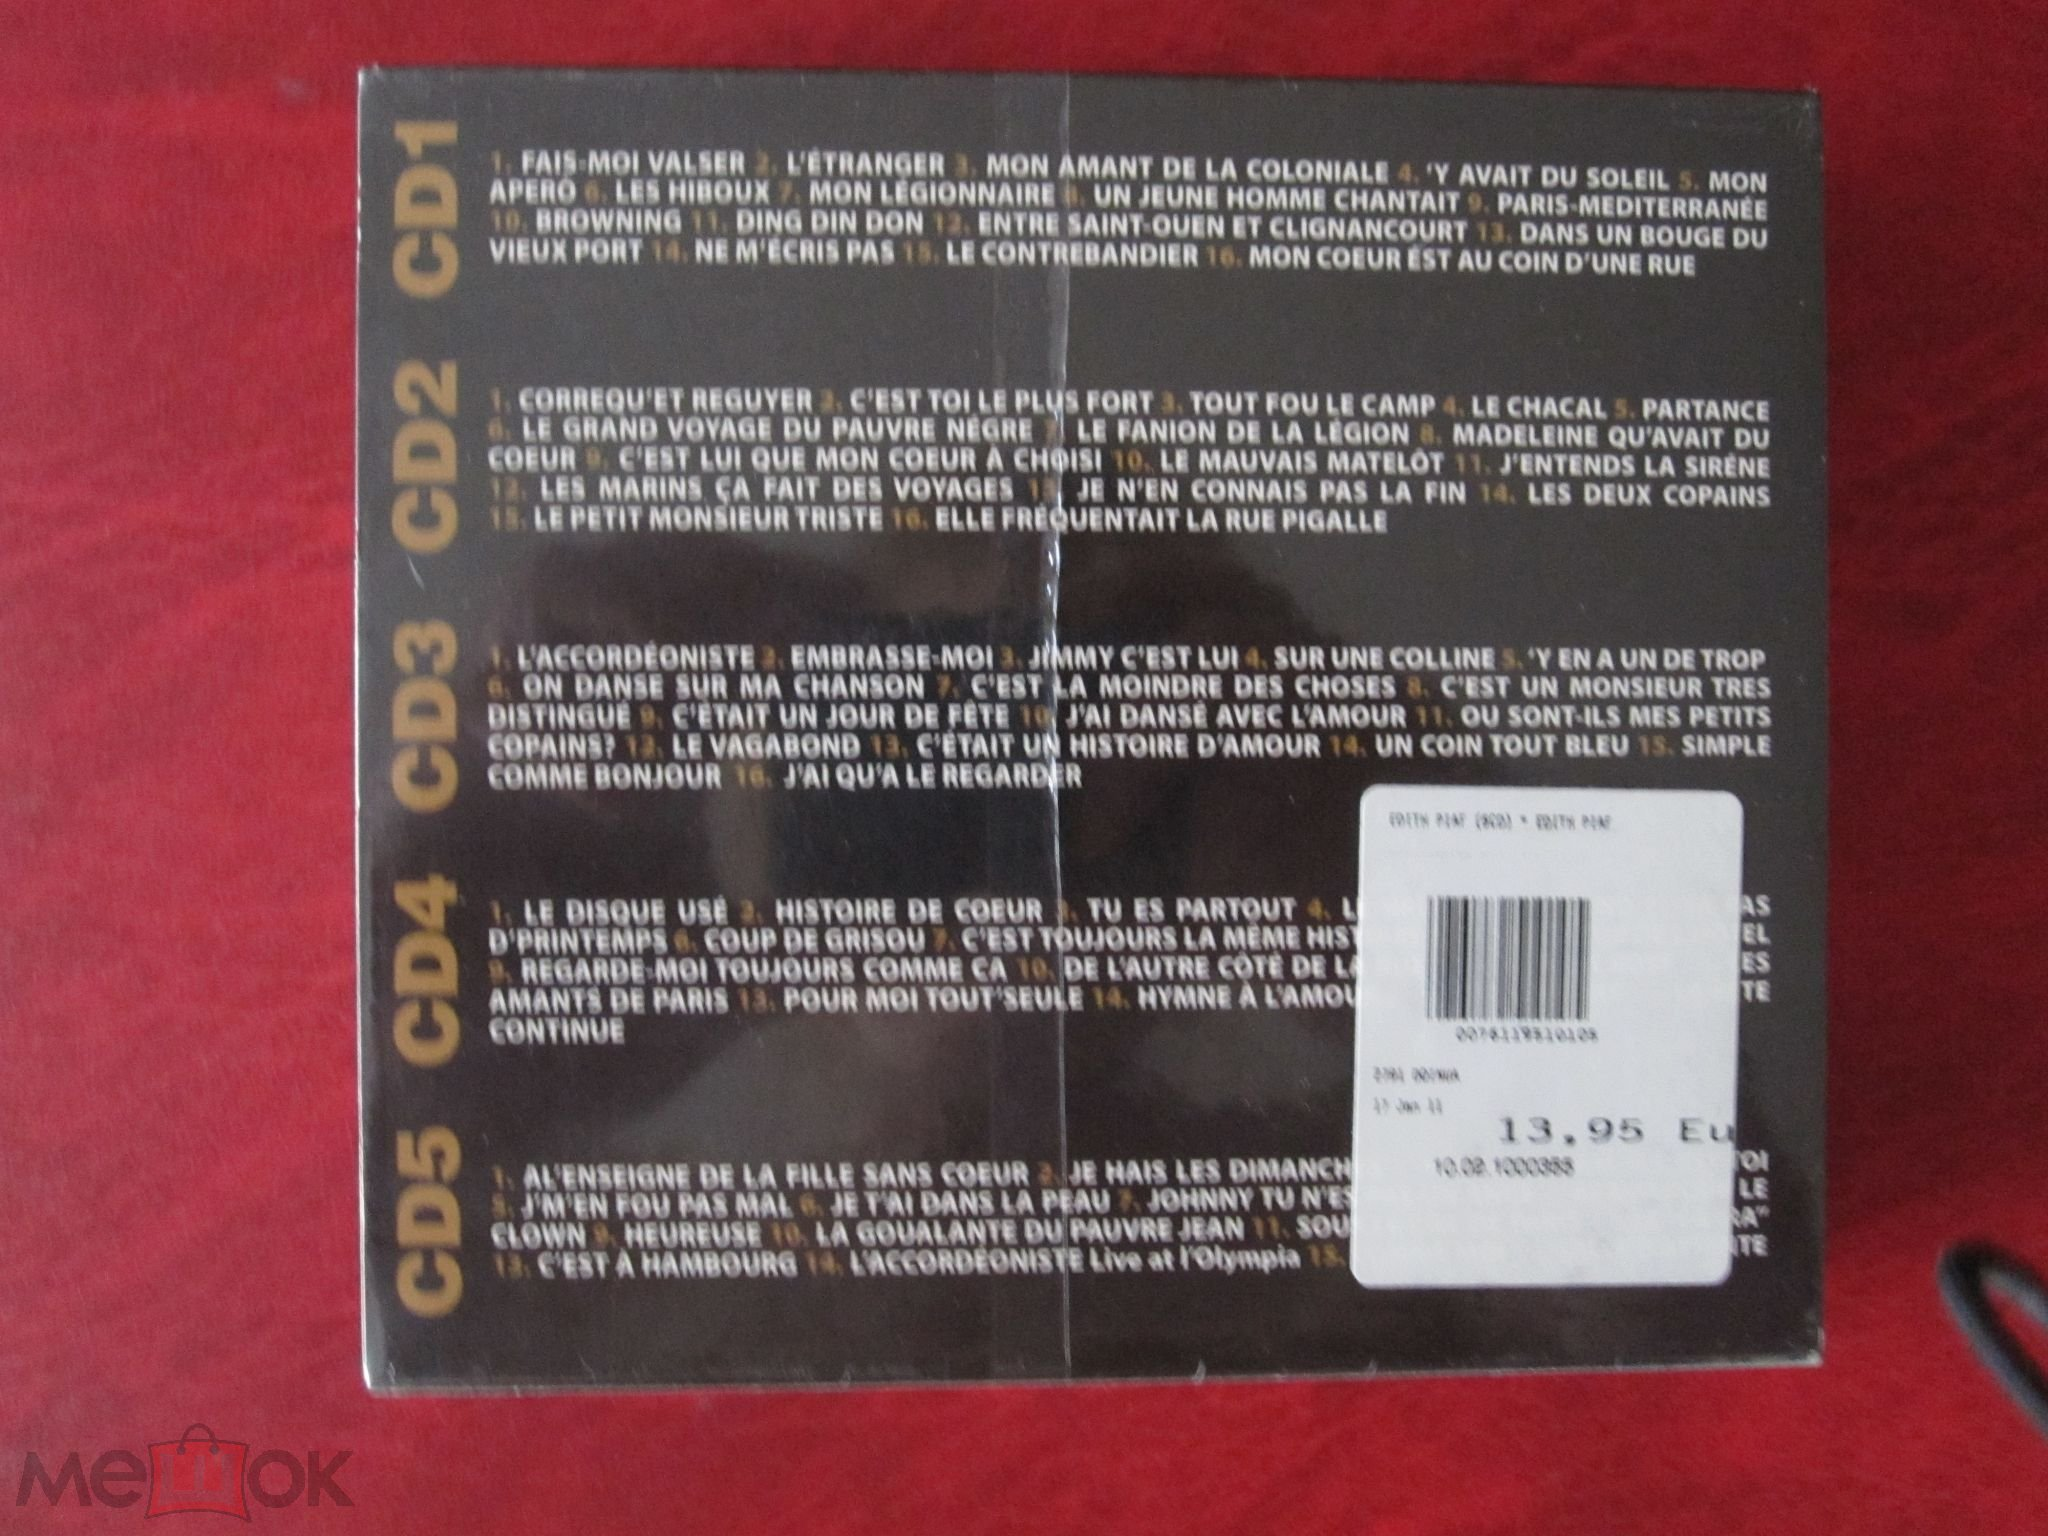 Edith Piaf 2006 5 Cd в упаковке Deja Vu Italy торги